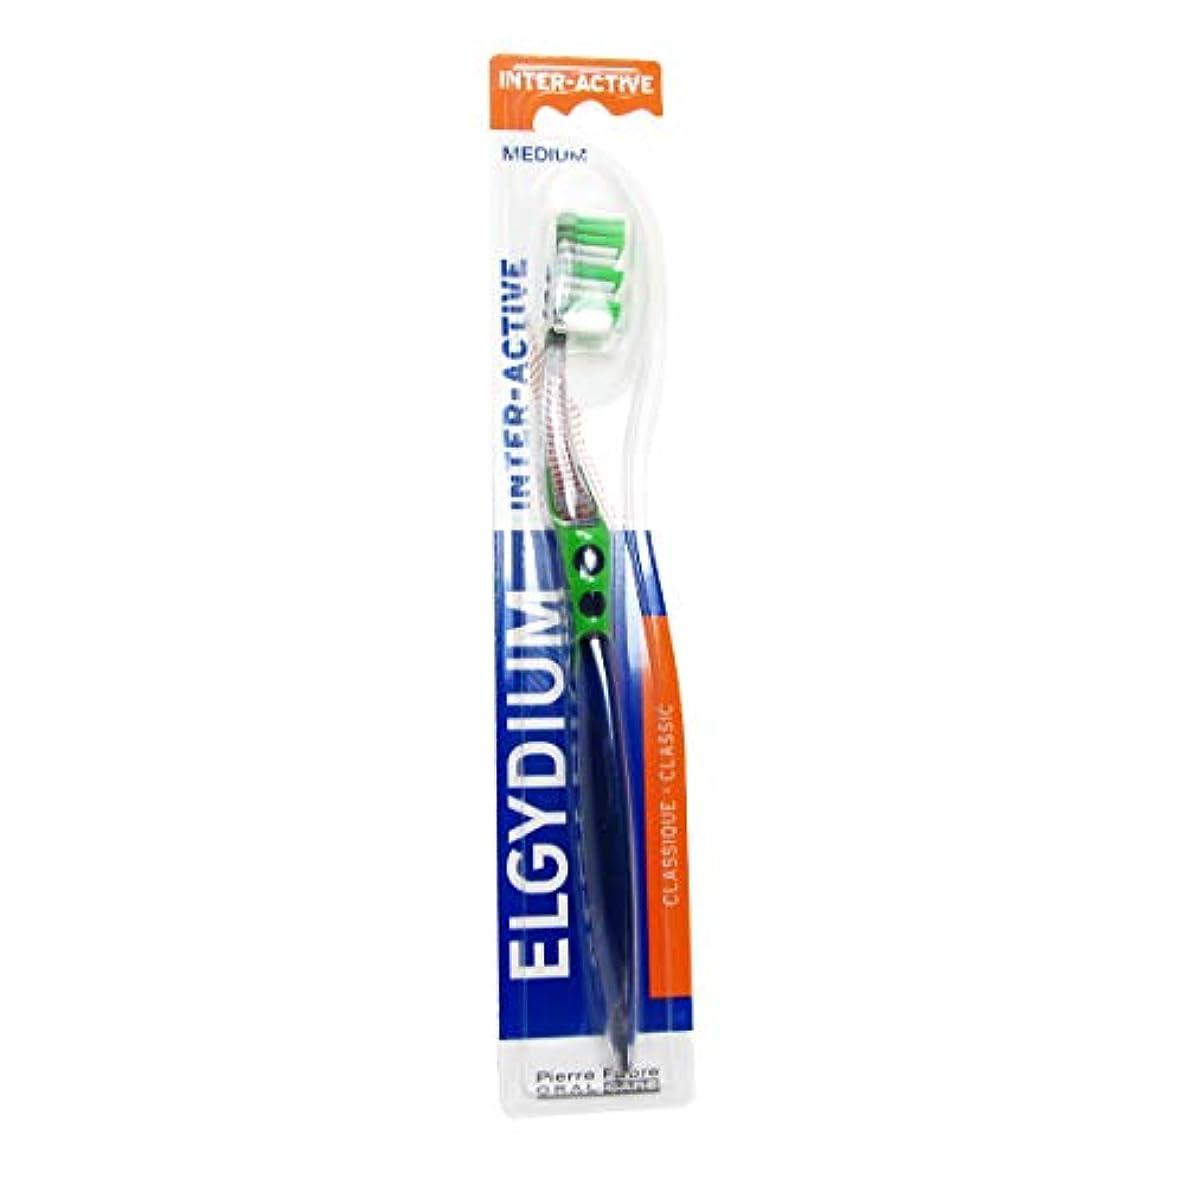 とは異なりひどくクラウドElgydium Inter-active Medium Toothbrush [並行輸入品]